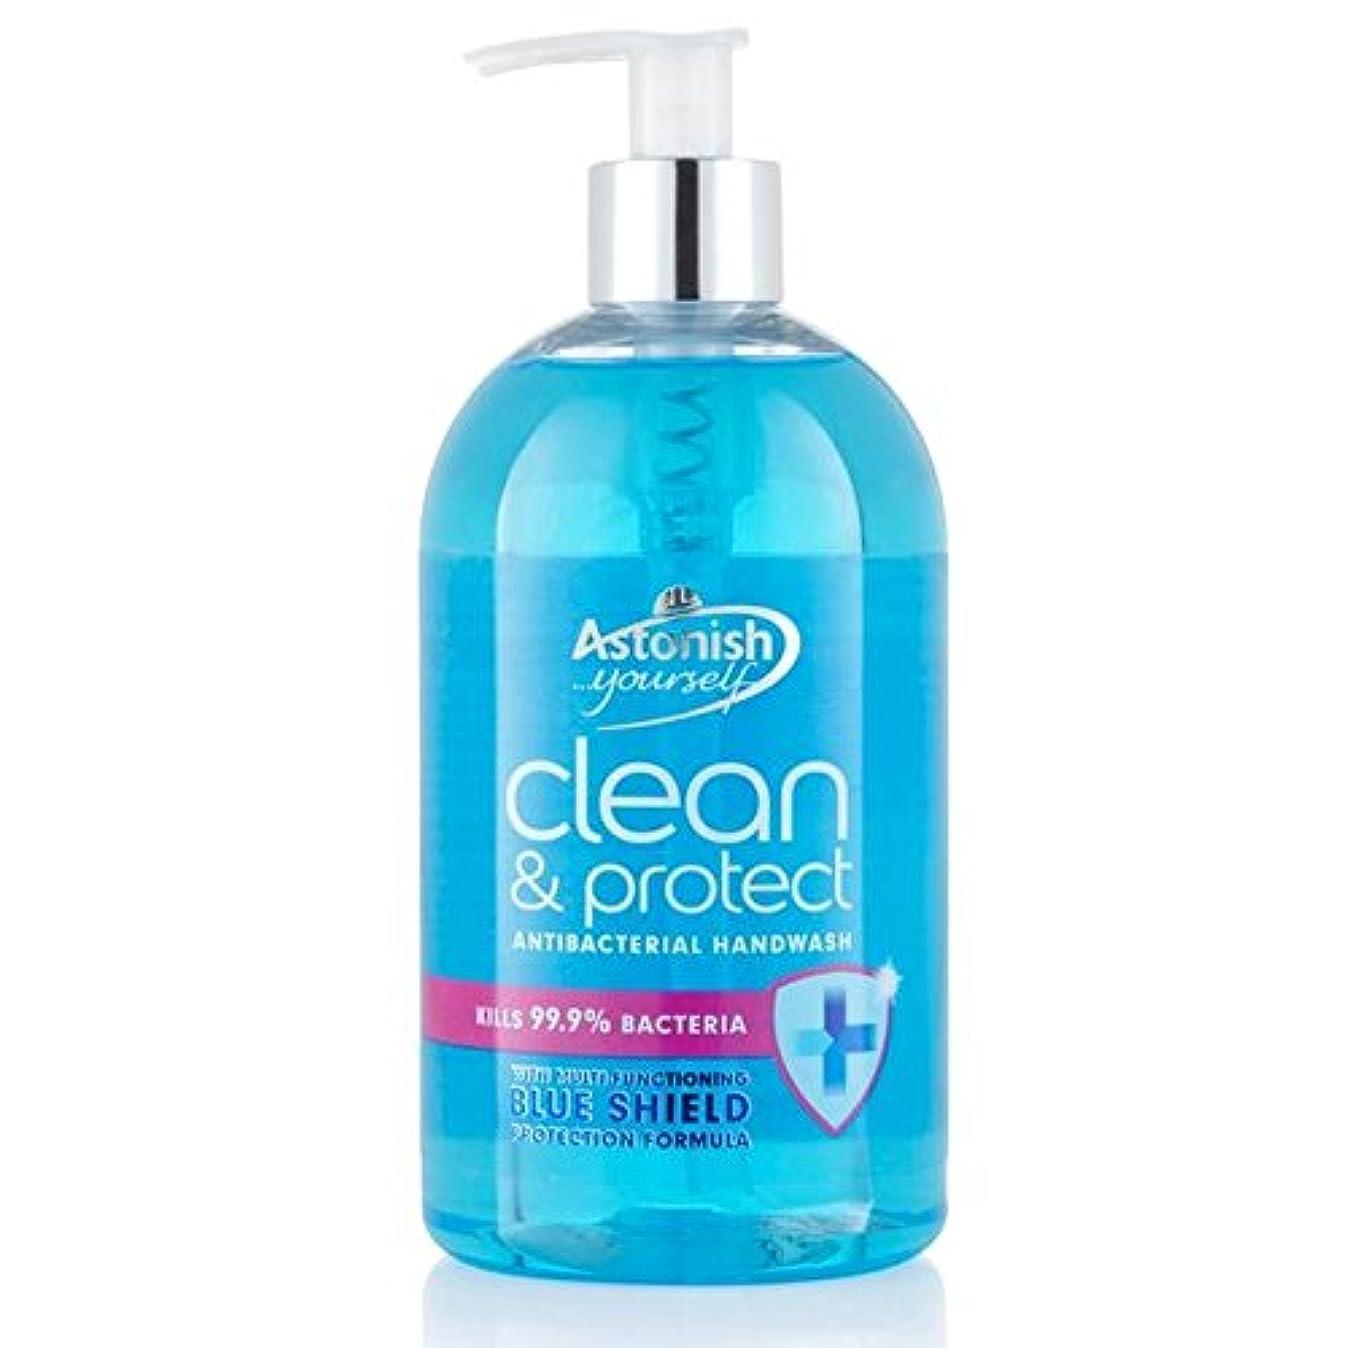 鹿の頭の上葉巻クリーン驚か&ハンドウォッシュ500ミリリットルを保護 x2 - Astonish Clean & Protect Hand Wash 500ml (Pack of 2) [並行輸入品]